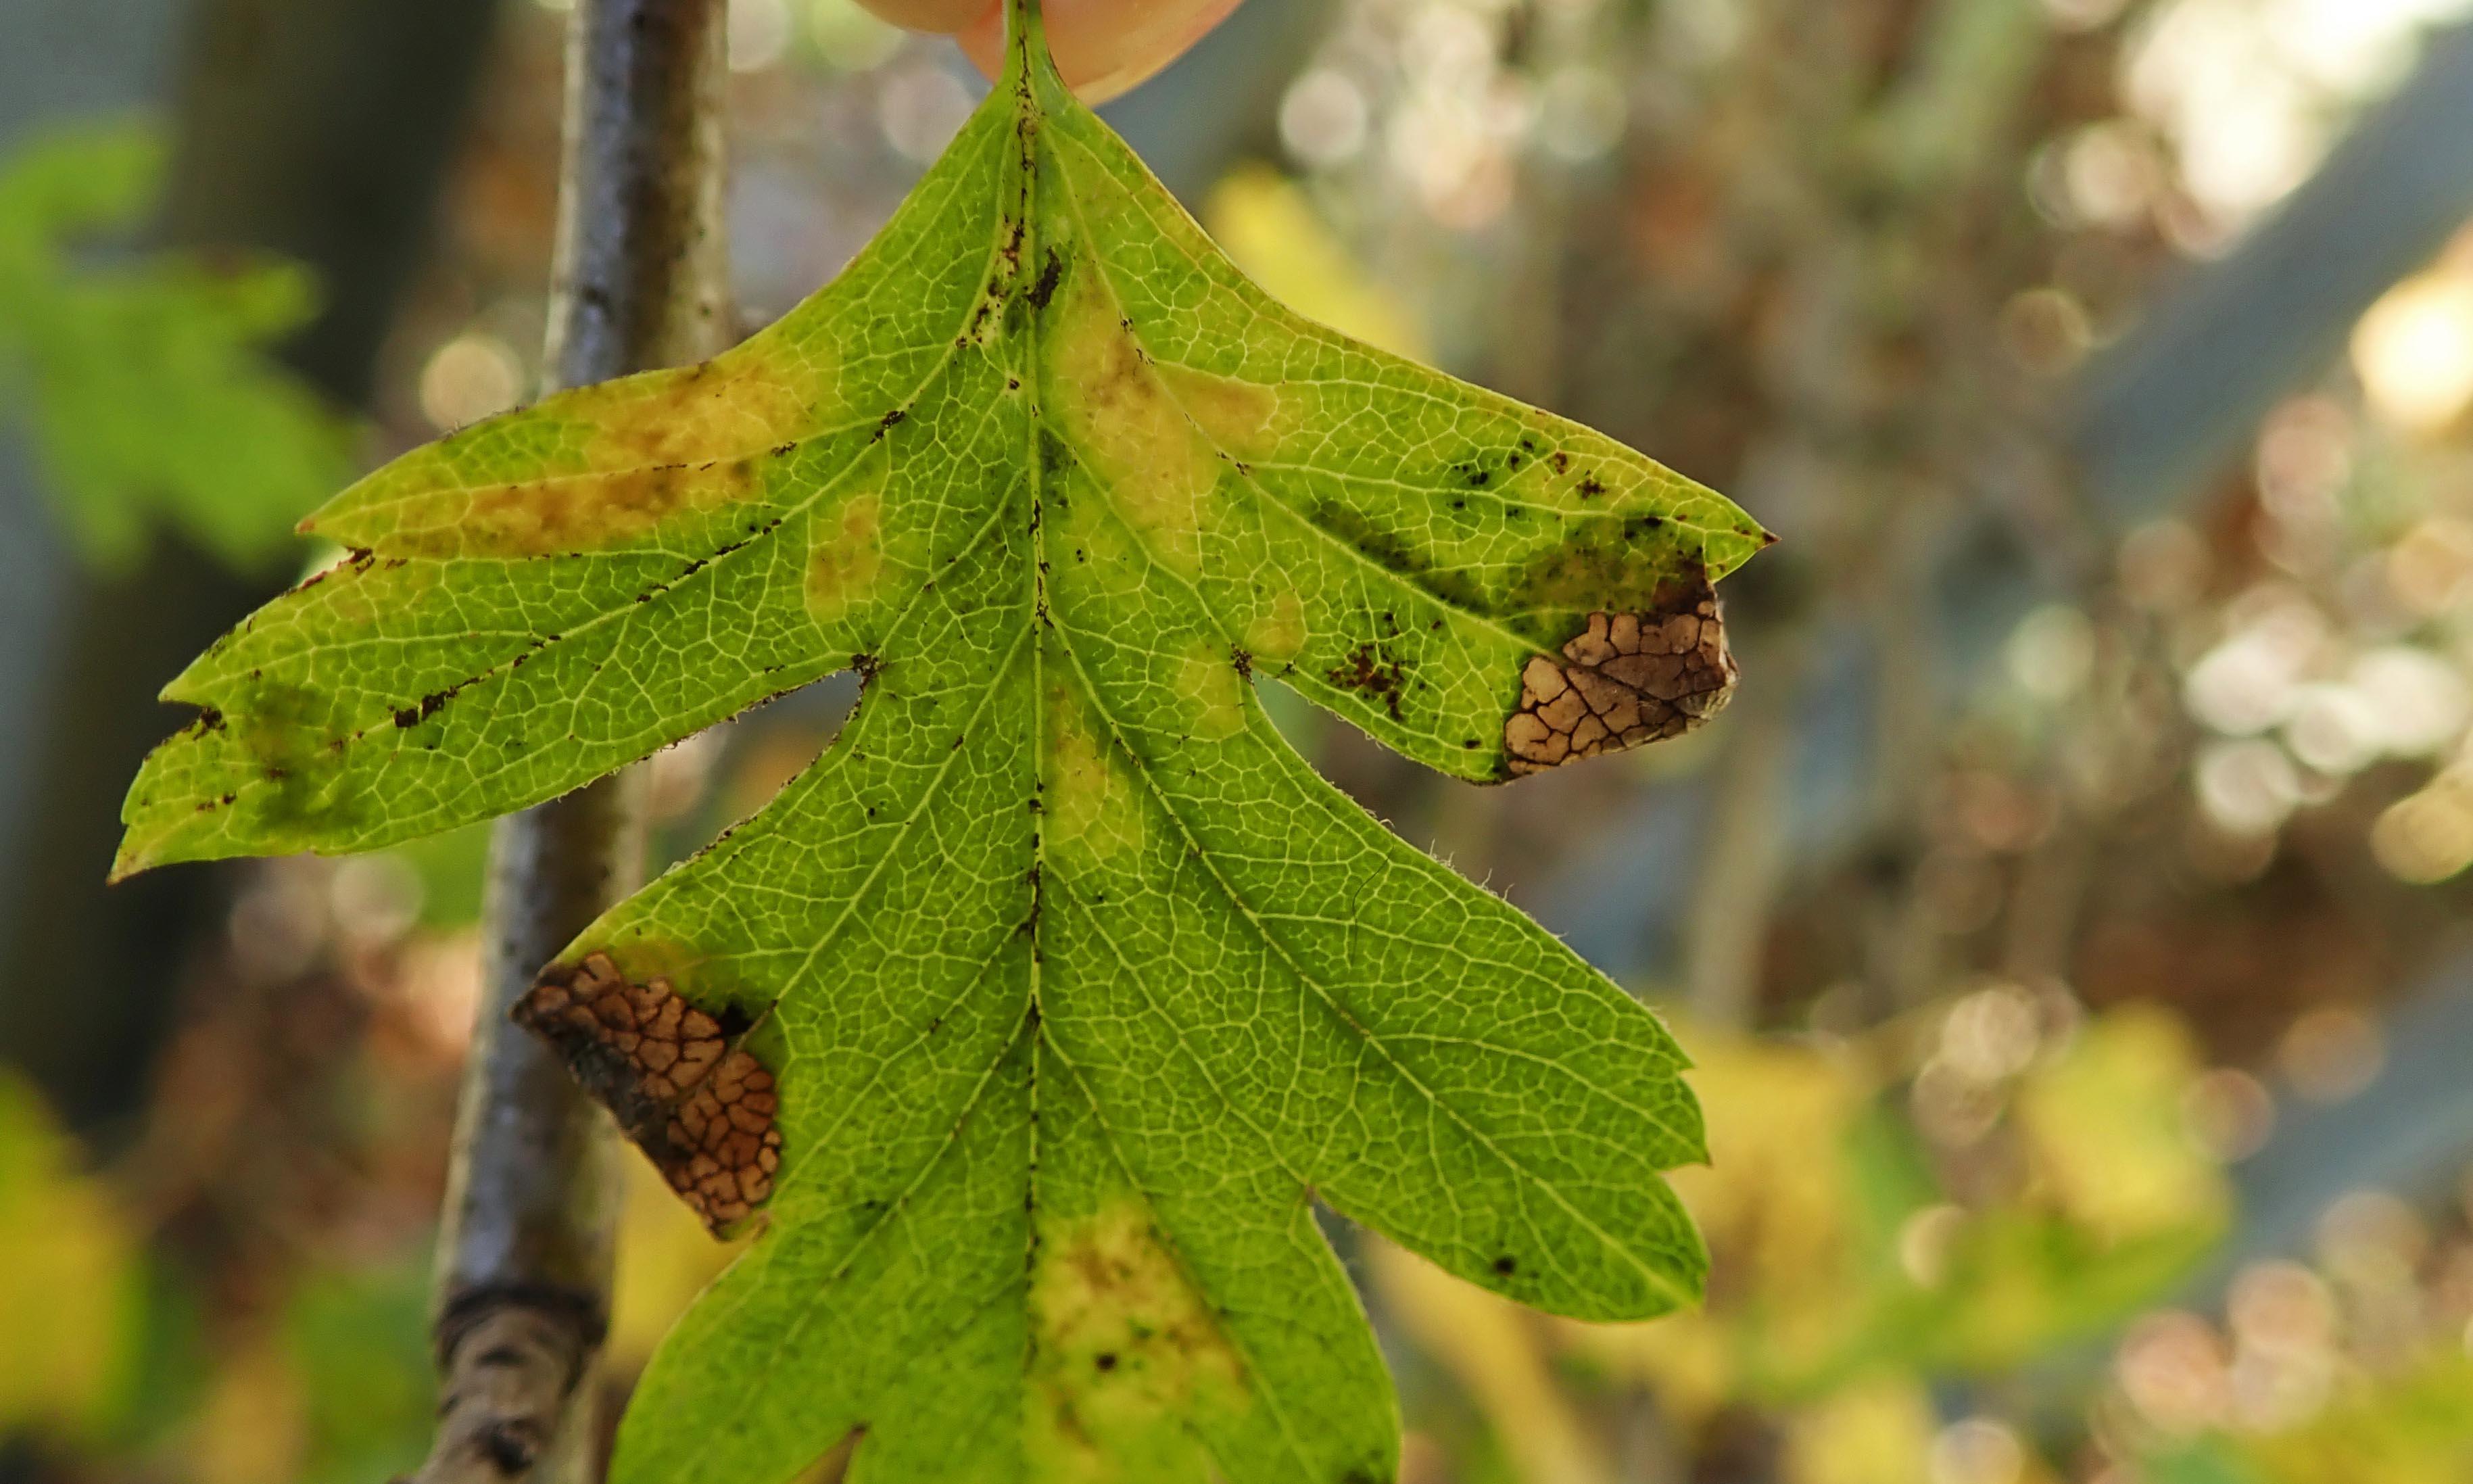 201109 parornix anglicella cones (6)